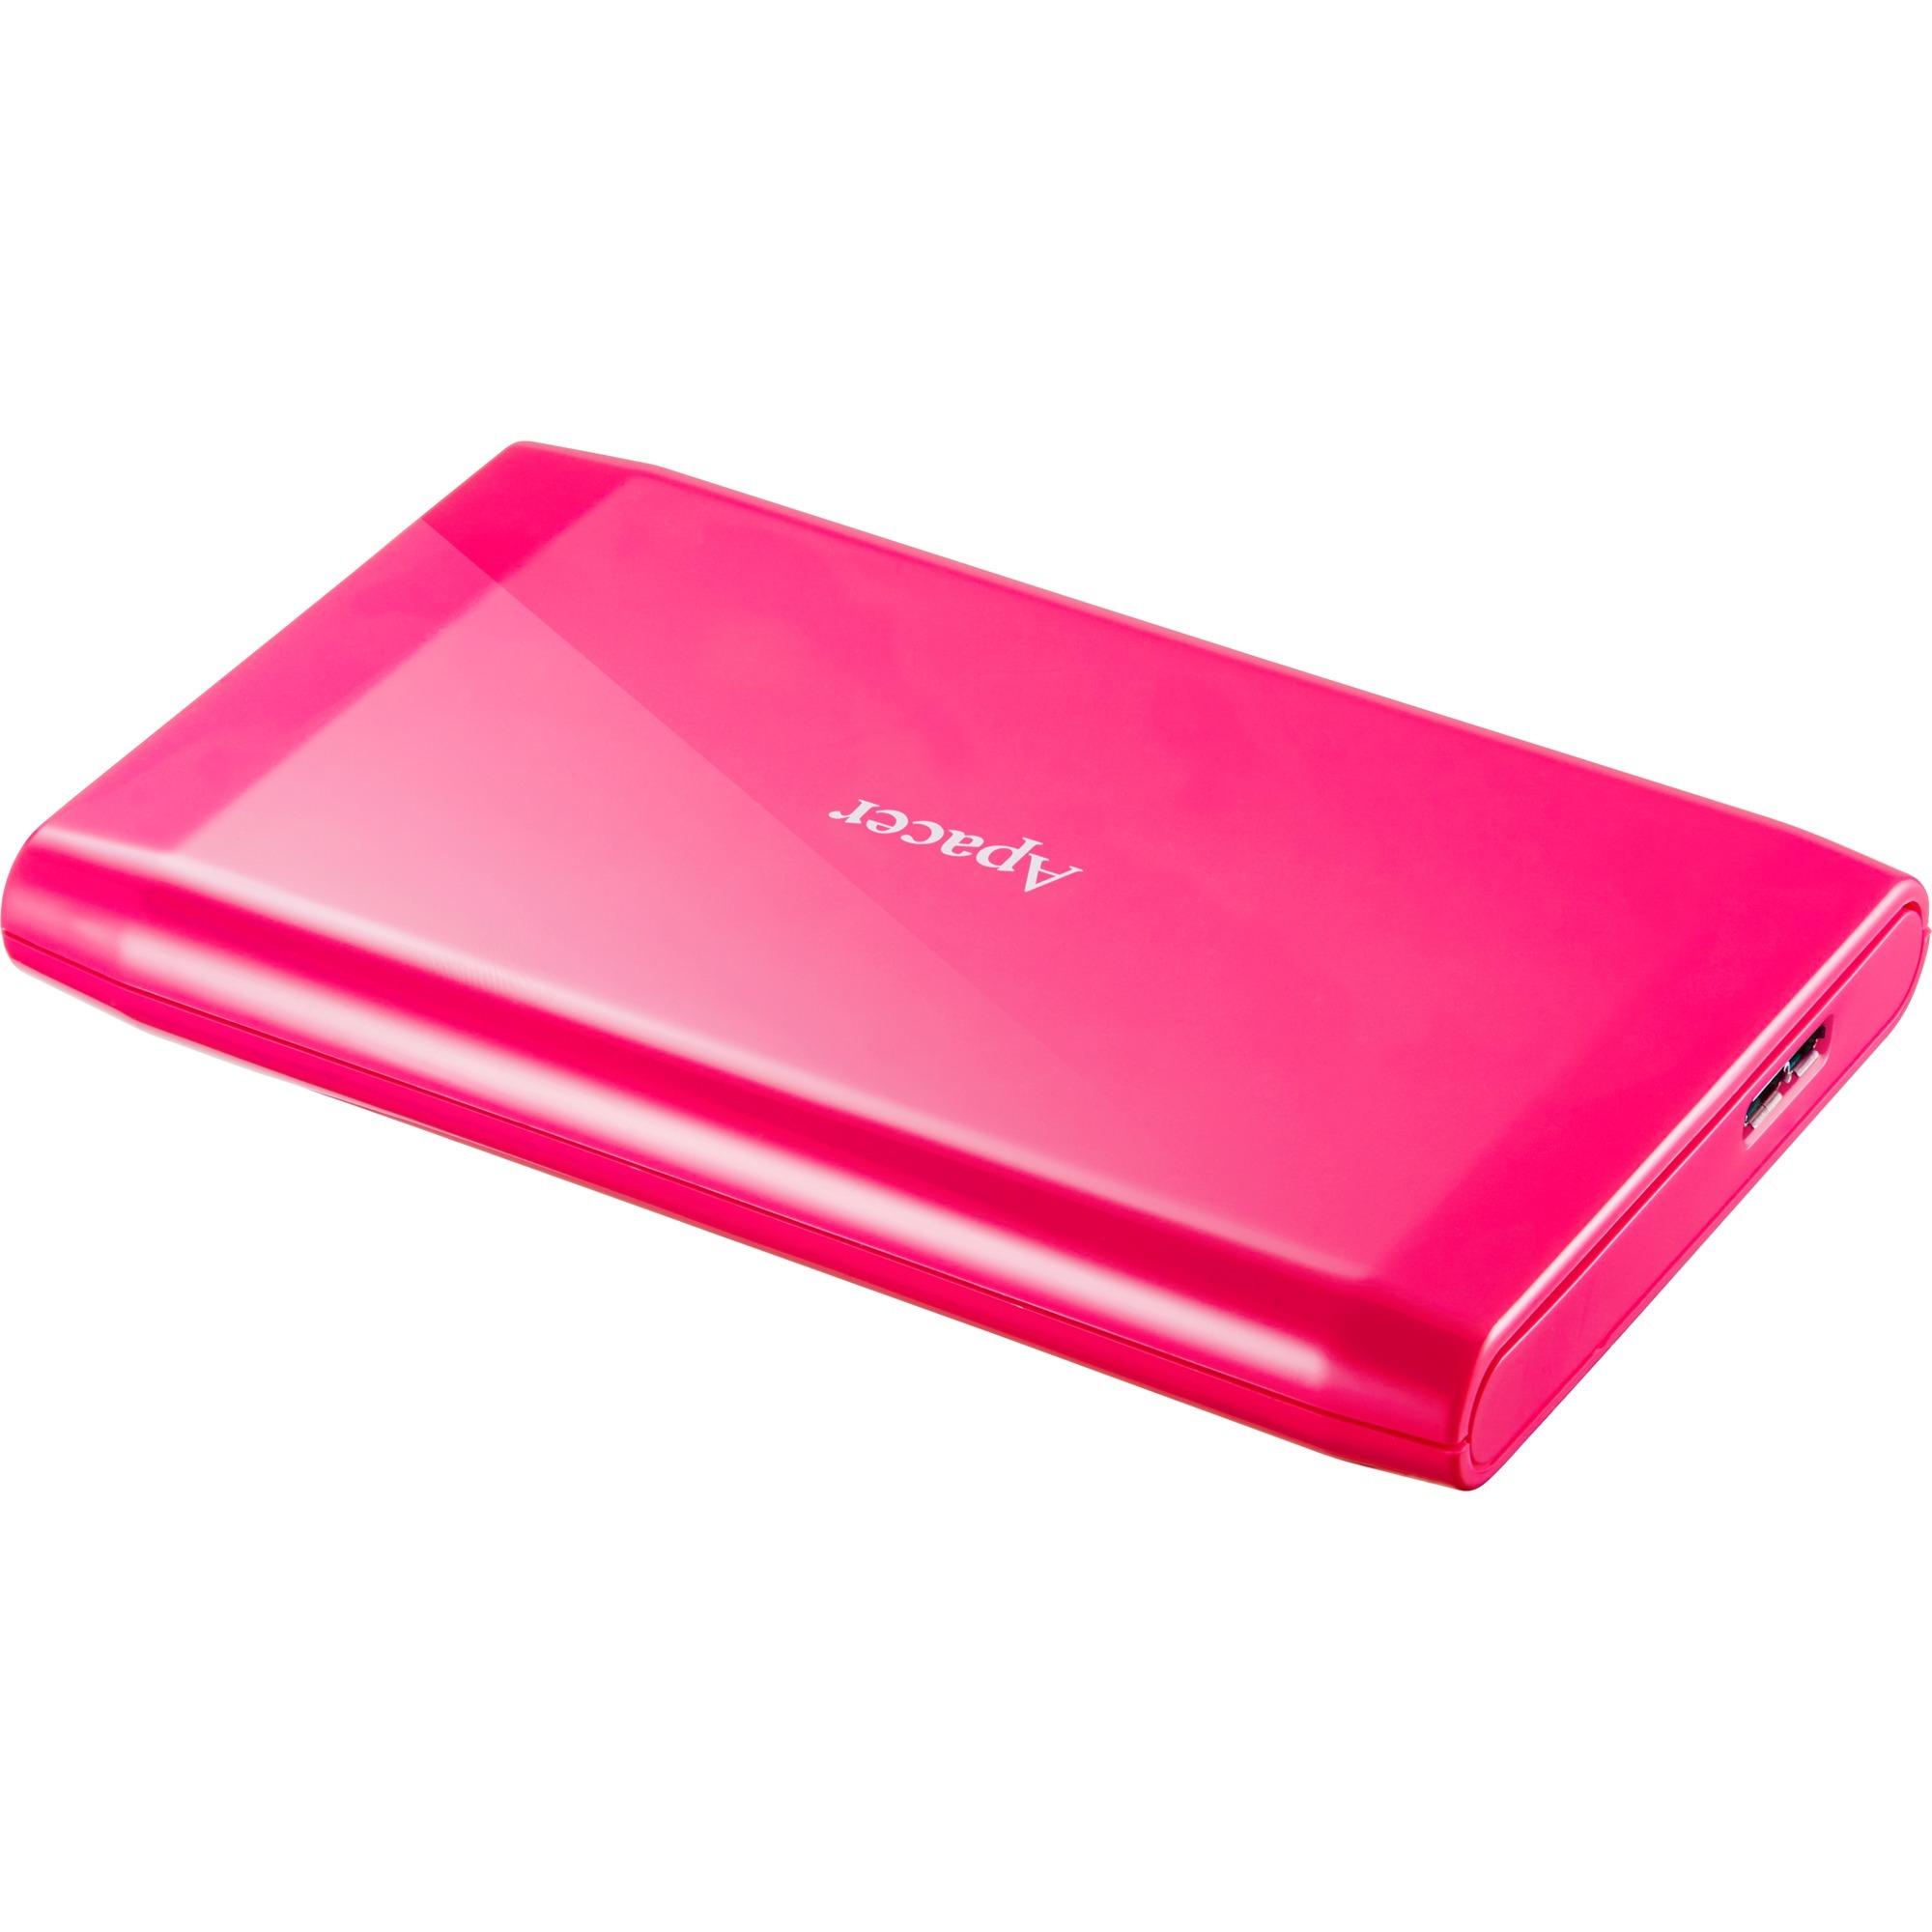 AC235 1000GB Rosa disco duro externo, Unidad de disco duro